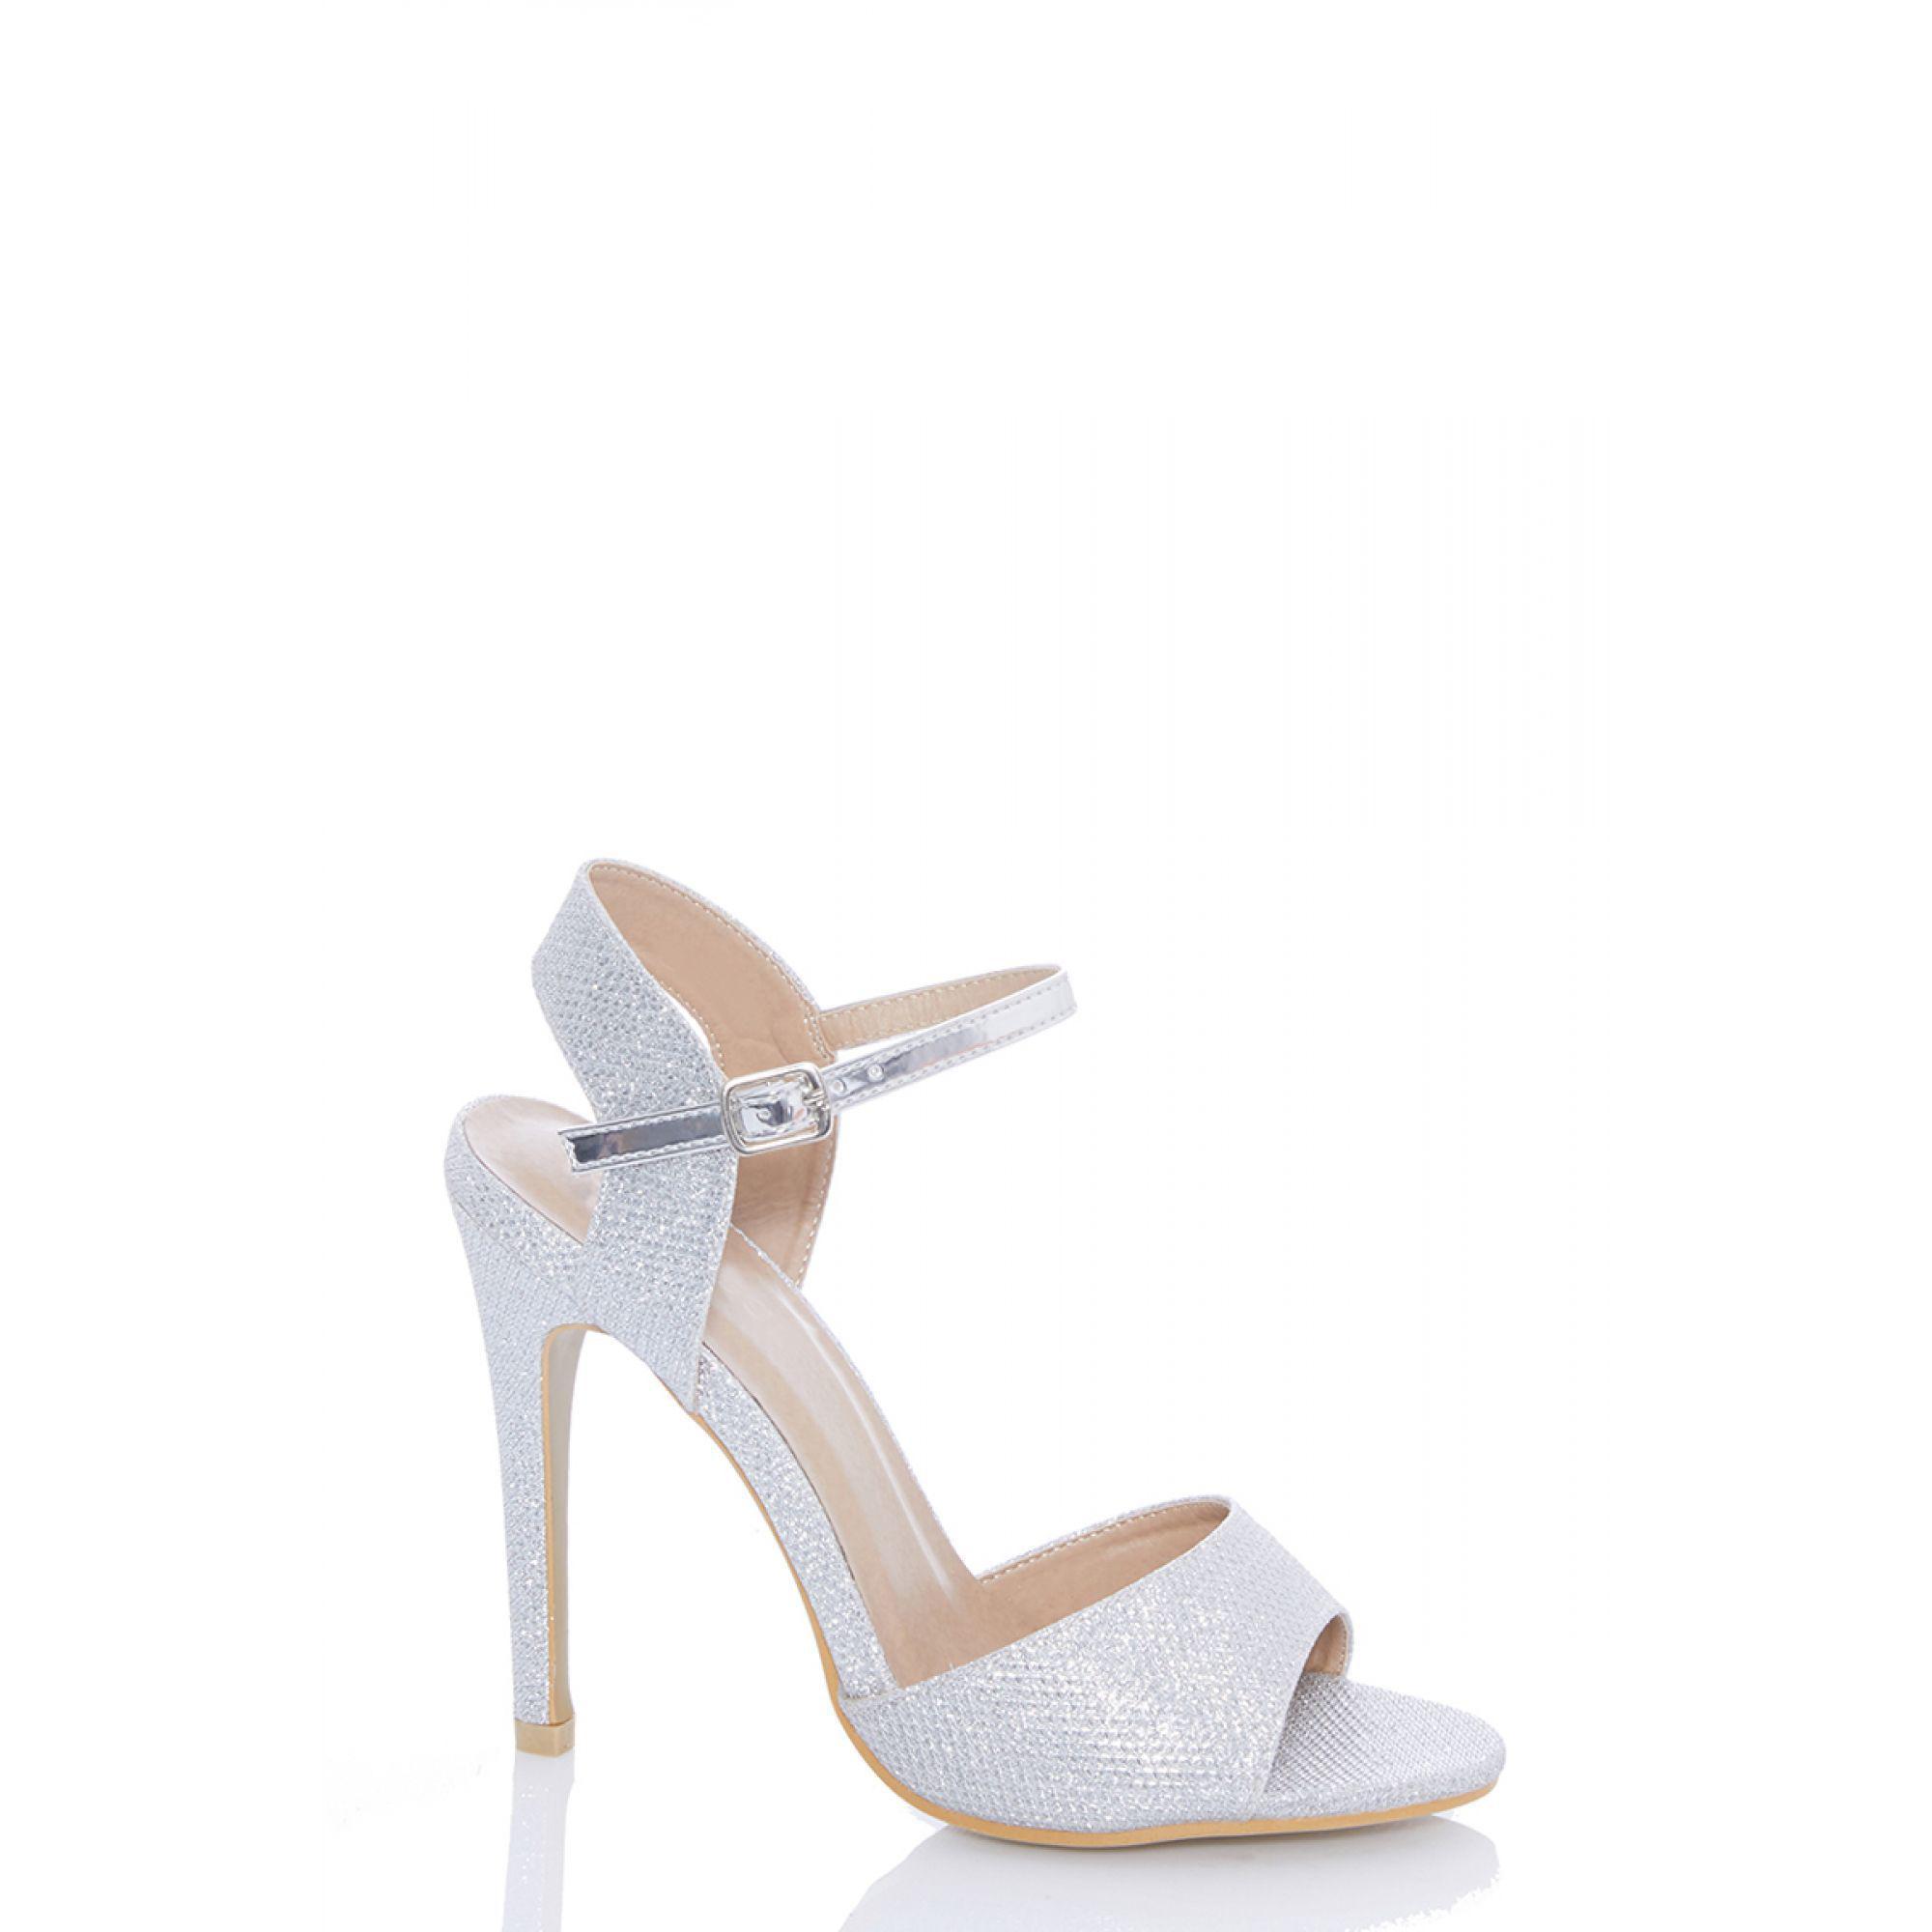 c9d48a59c47 Quiz Silver Shimmer Stiletto Heel Sandals in Metallic - Lyst